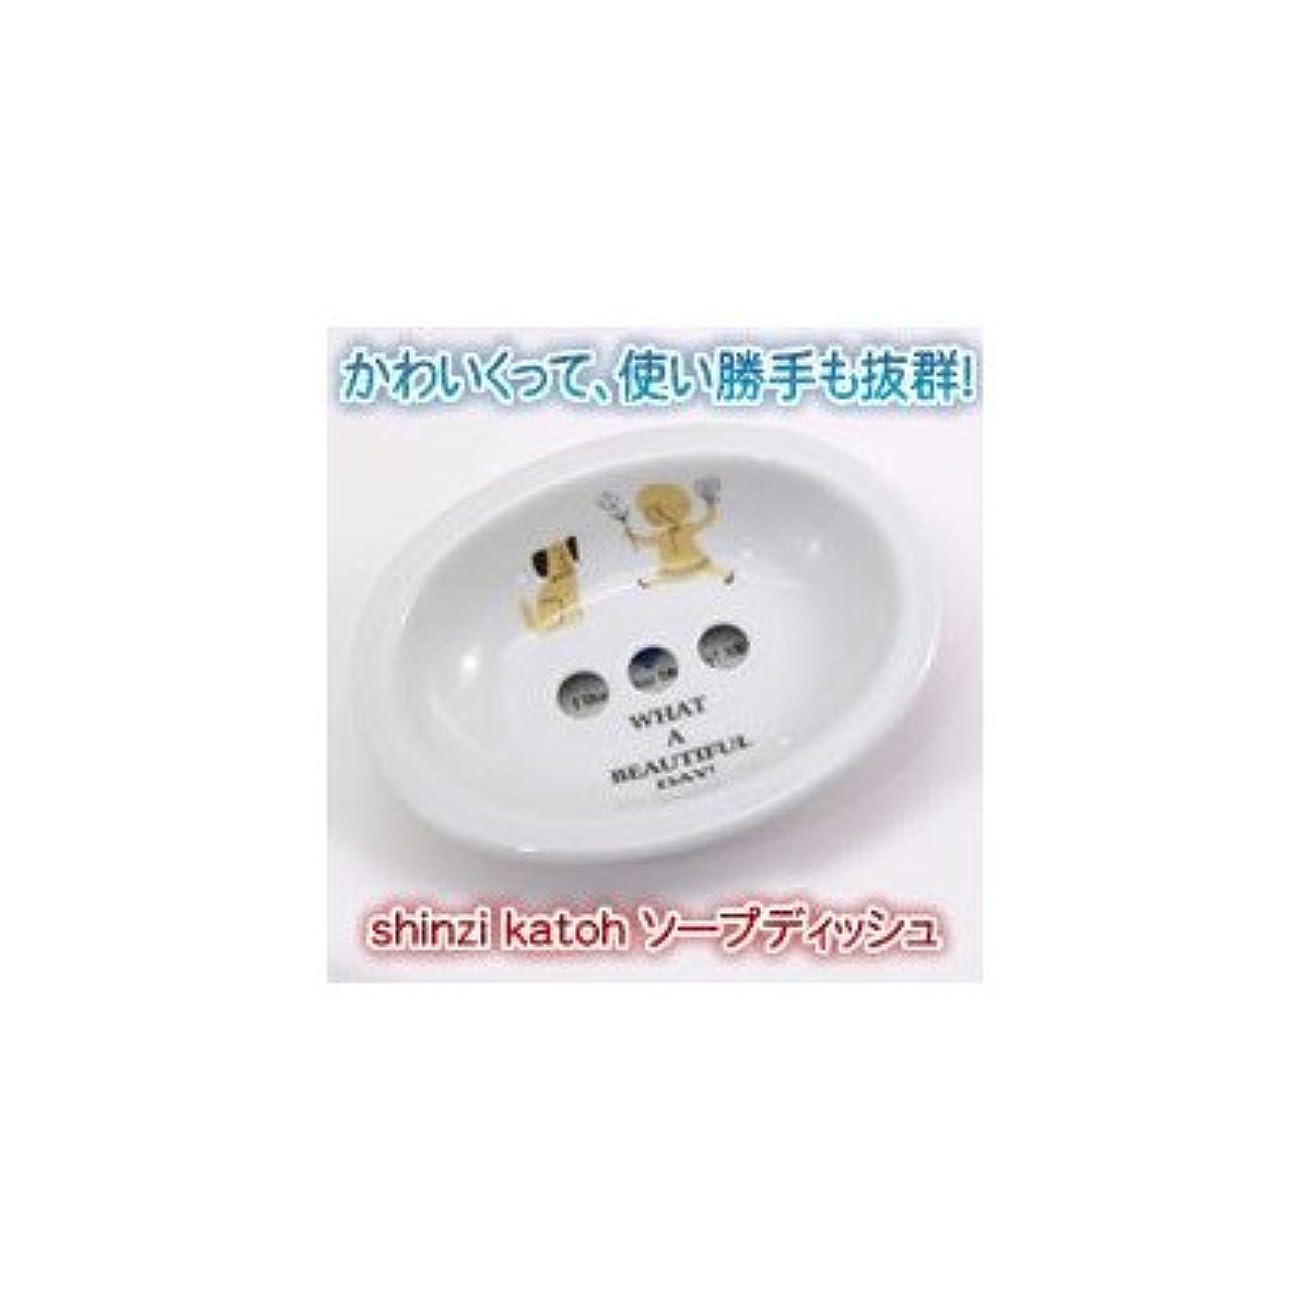 若者半円甘やかすShinzi Katoh(シンジカトウ) ソープディッシュ BD チェリー?13-450338